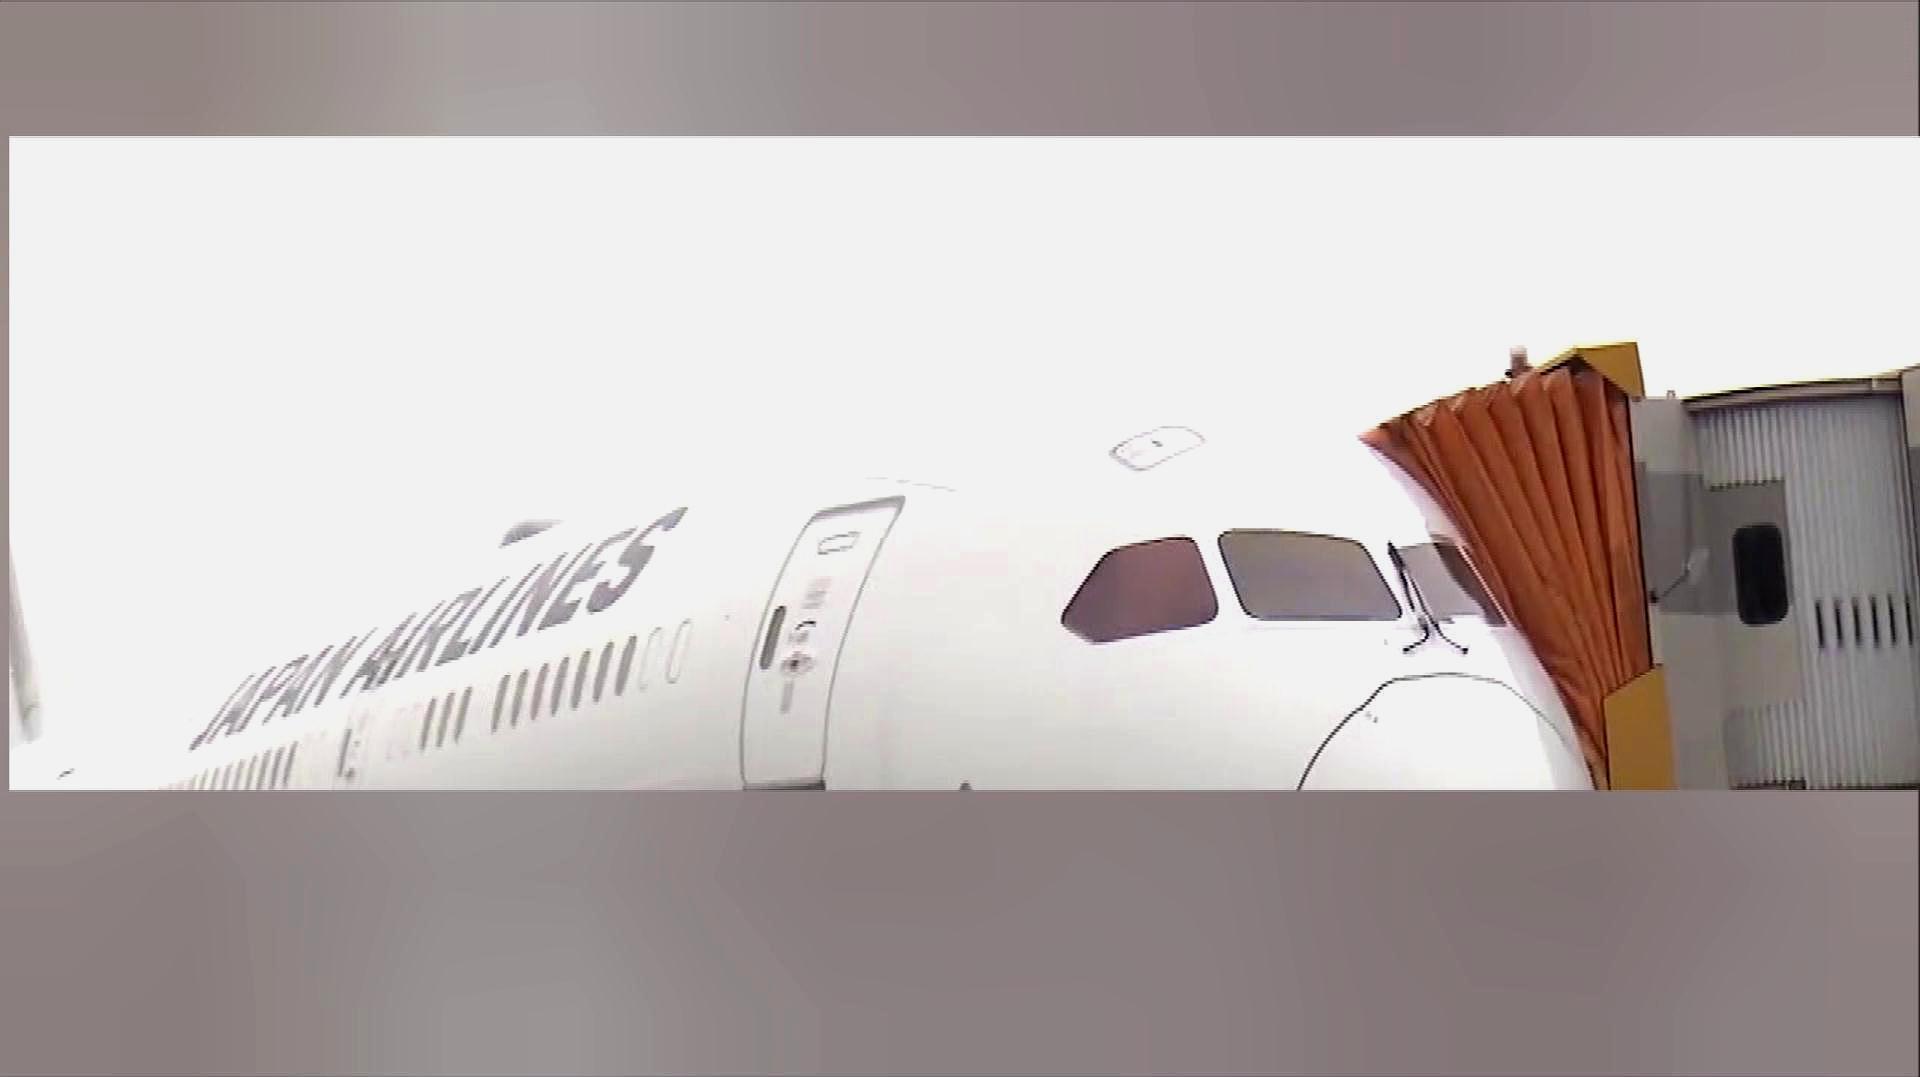 日航波音787驾驶舱玻璃开裂 波音你到底怎么了?